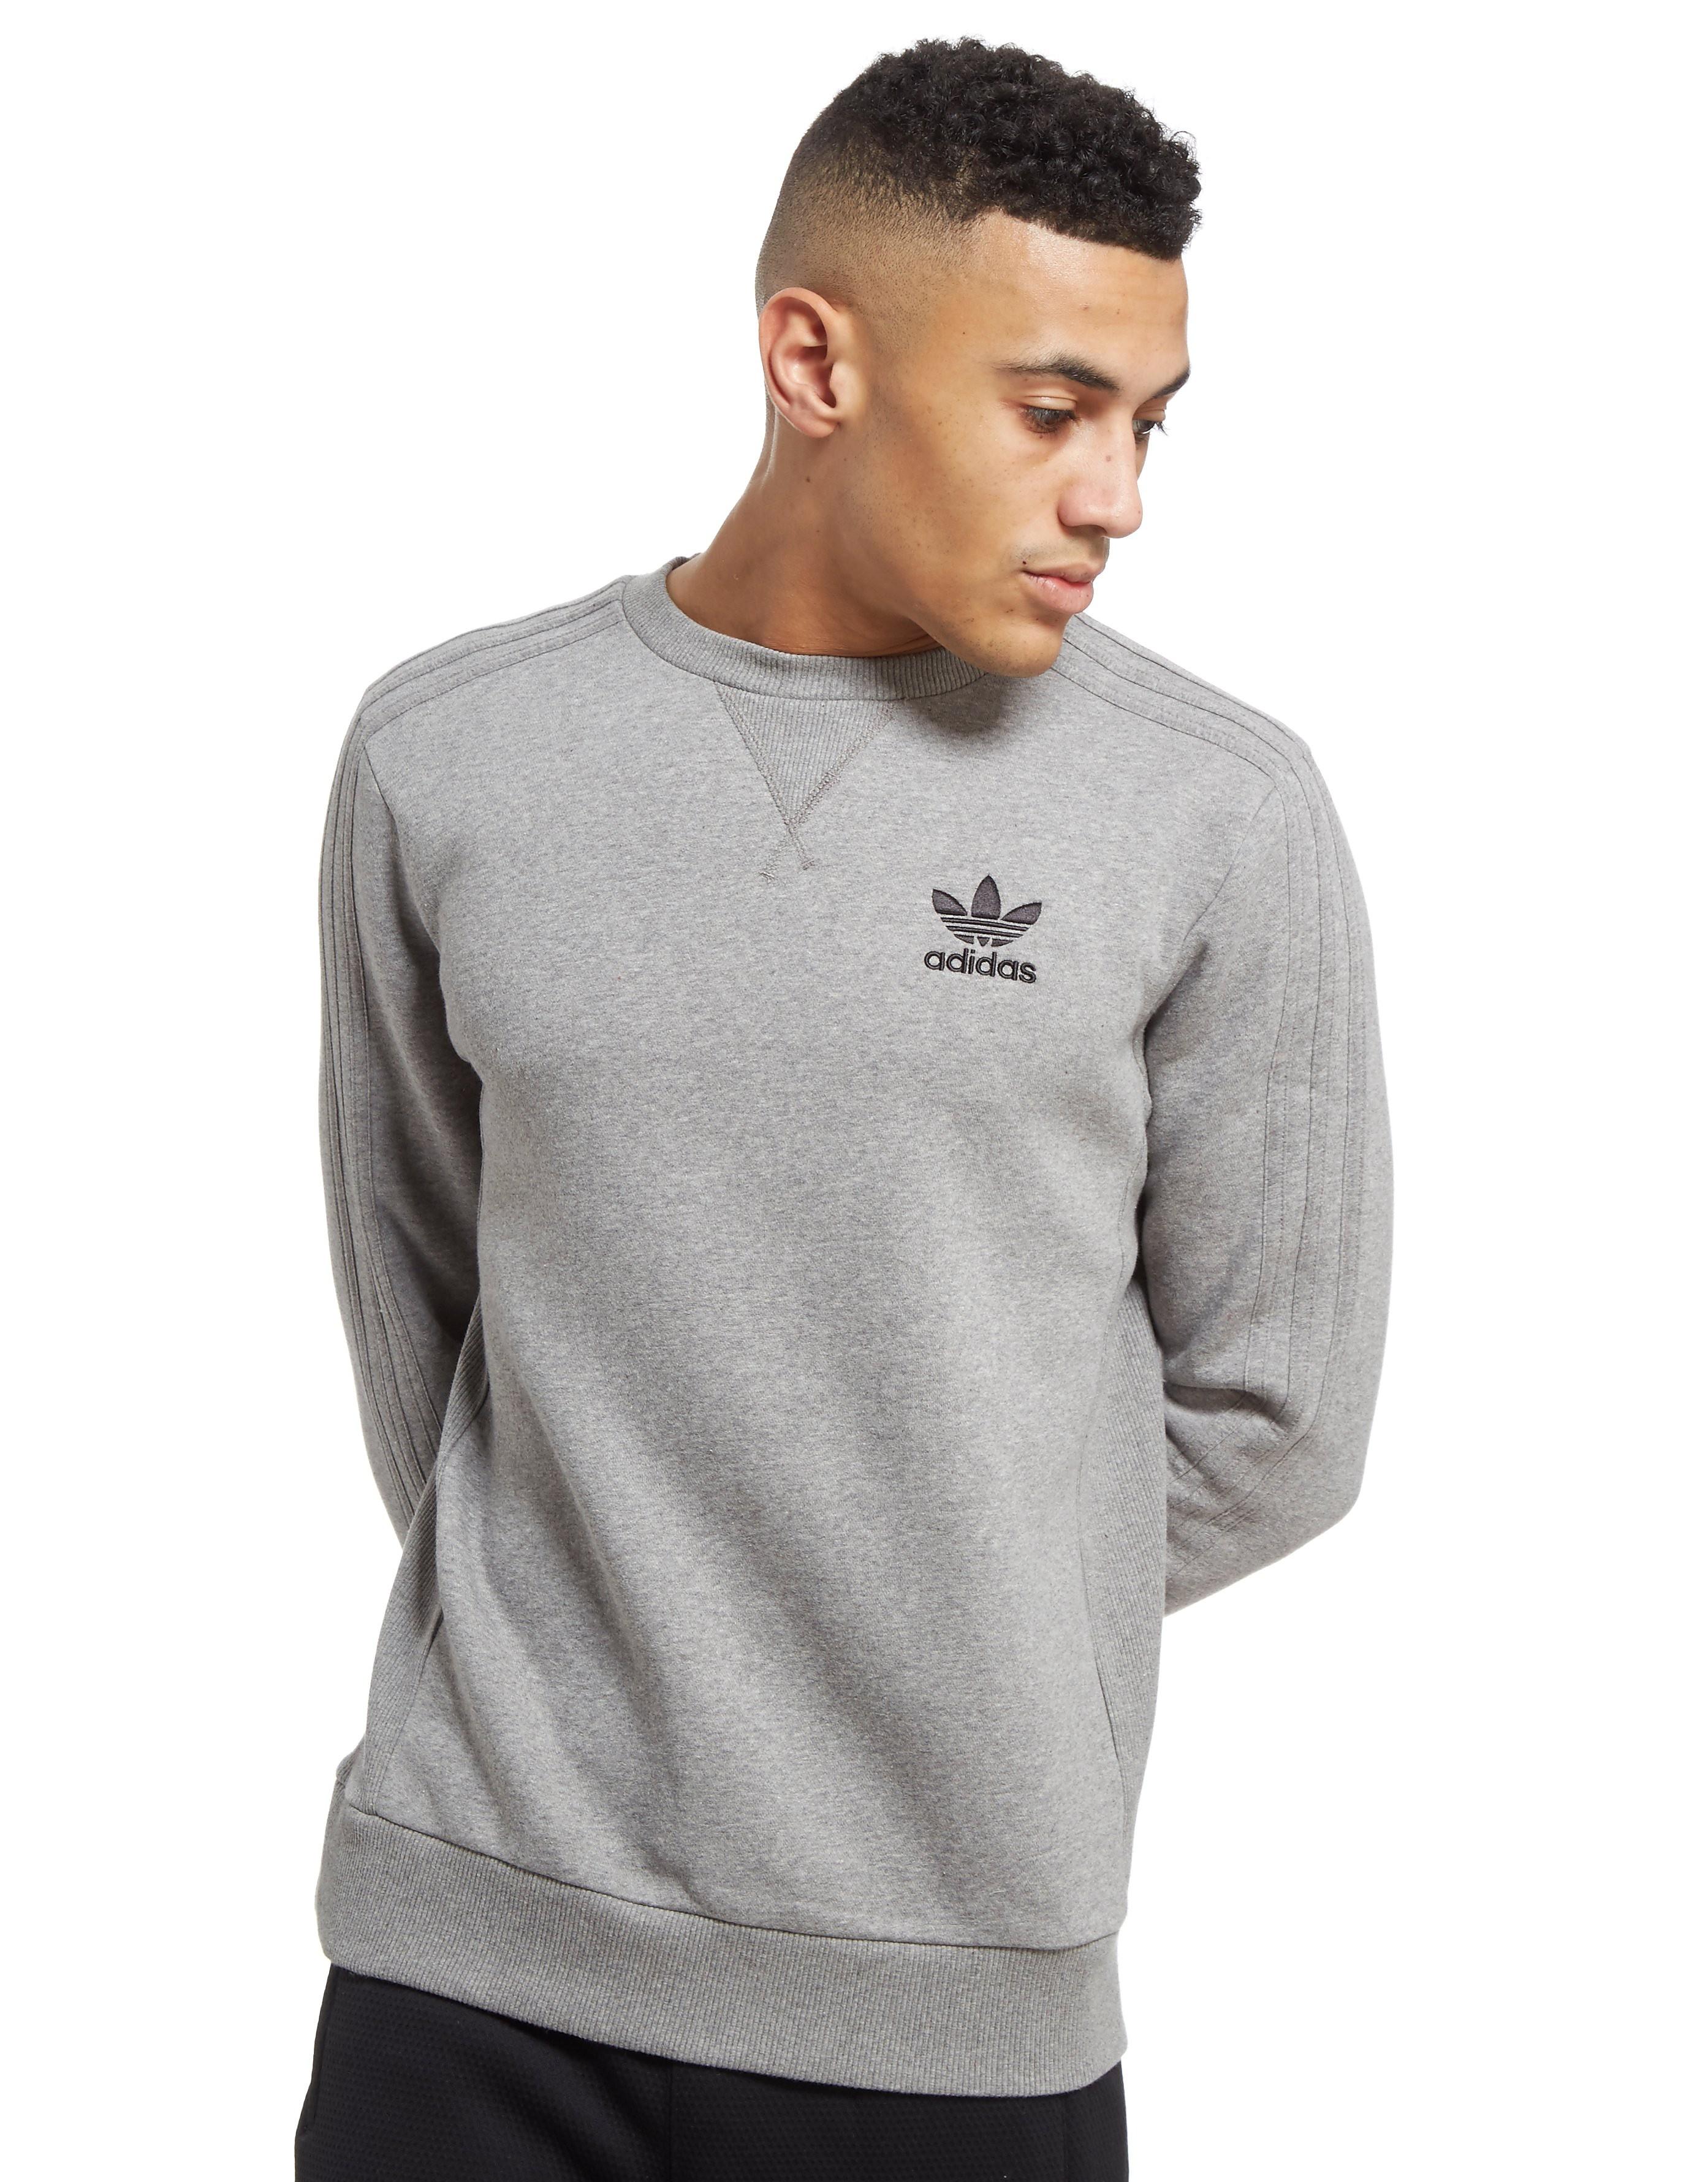 adidas Originals Rundhalsausschnitt Sweatshirt